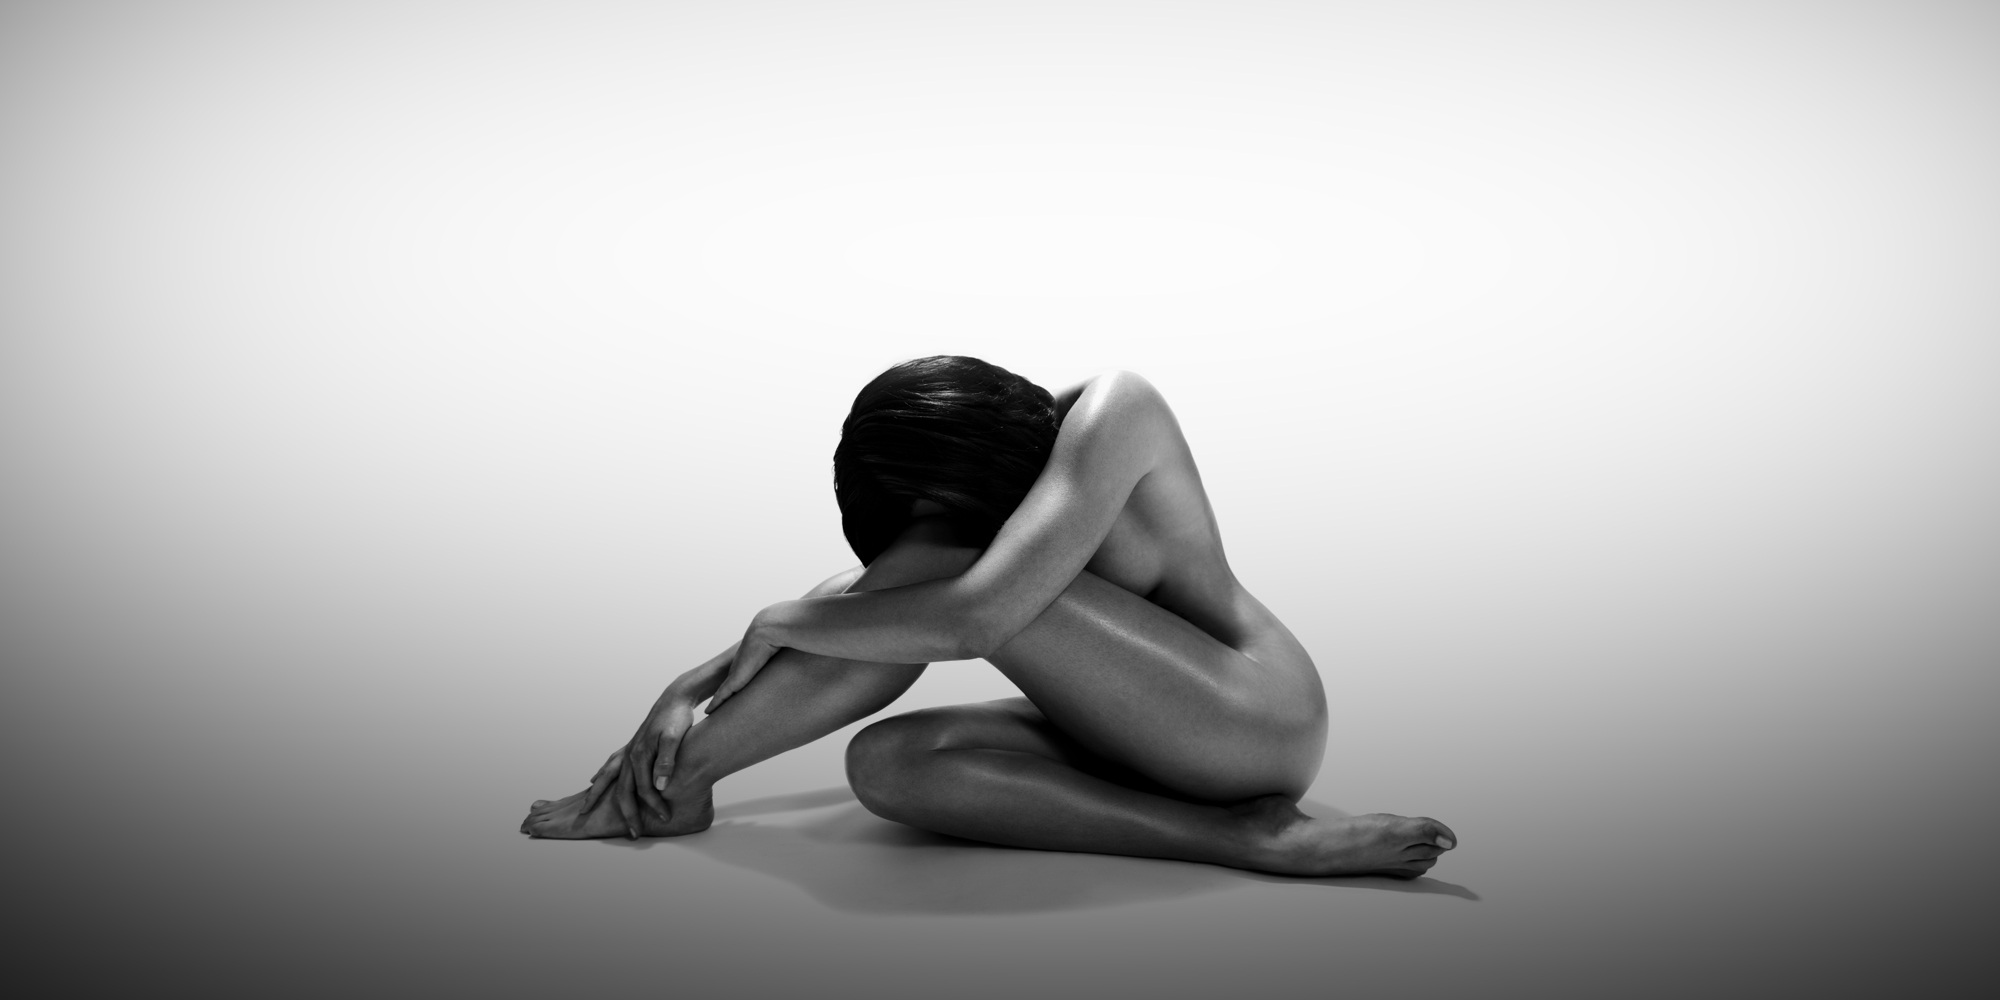 Seitliche Frontansicht einer nackten, sitzenden Frau in schwarz-weiß, die Kopf und Arme auf ihrem angewinkelten Knie abgelegt hat, sie posiert für ästhetische Aktfotografie.